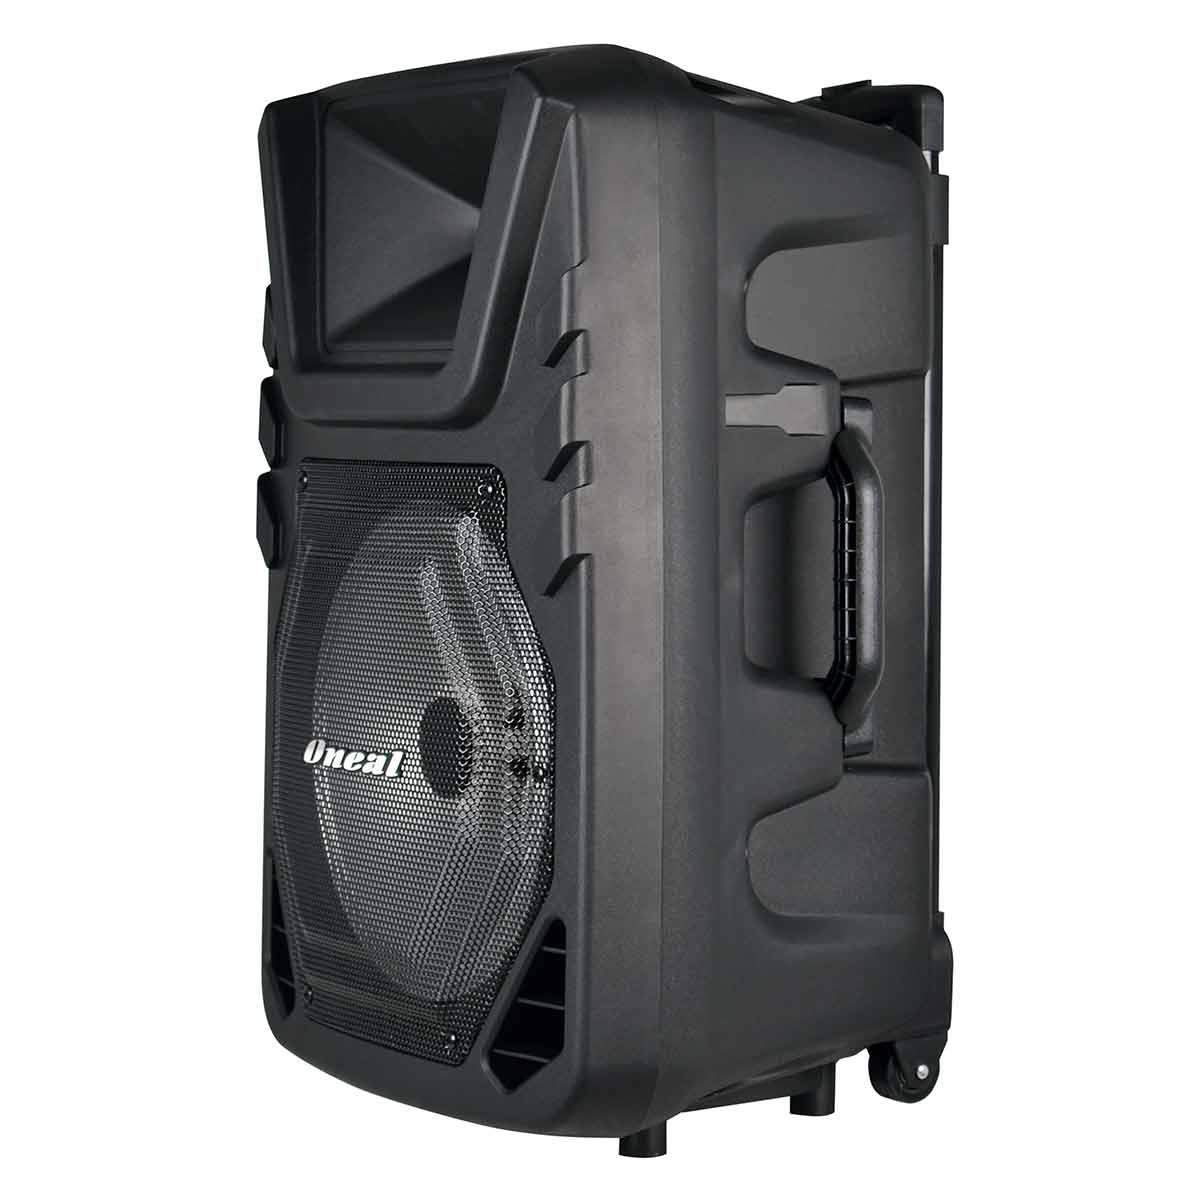 Caixa Portátil c/ Bateria, Bluetooth e USB 110W OMF 425 - Oneal